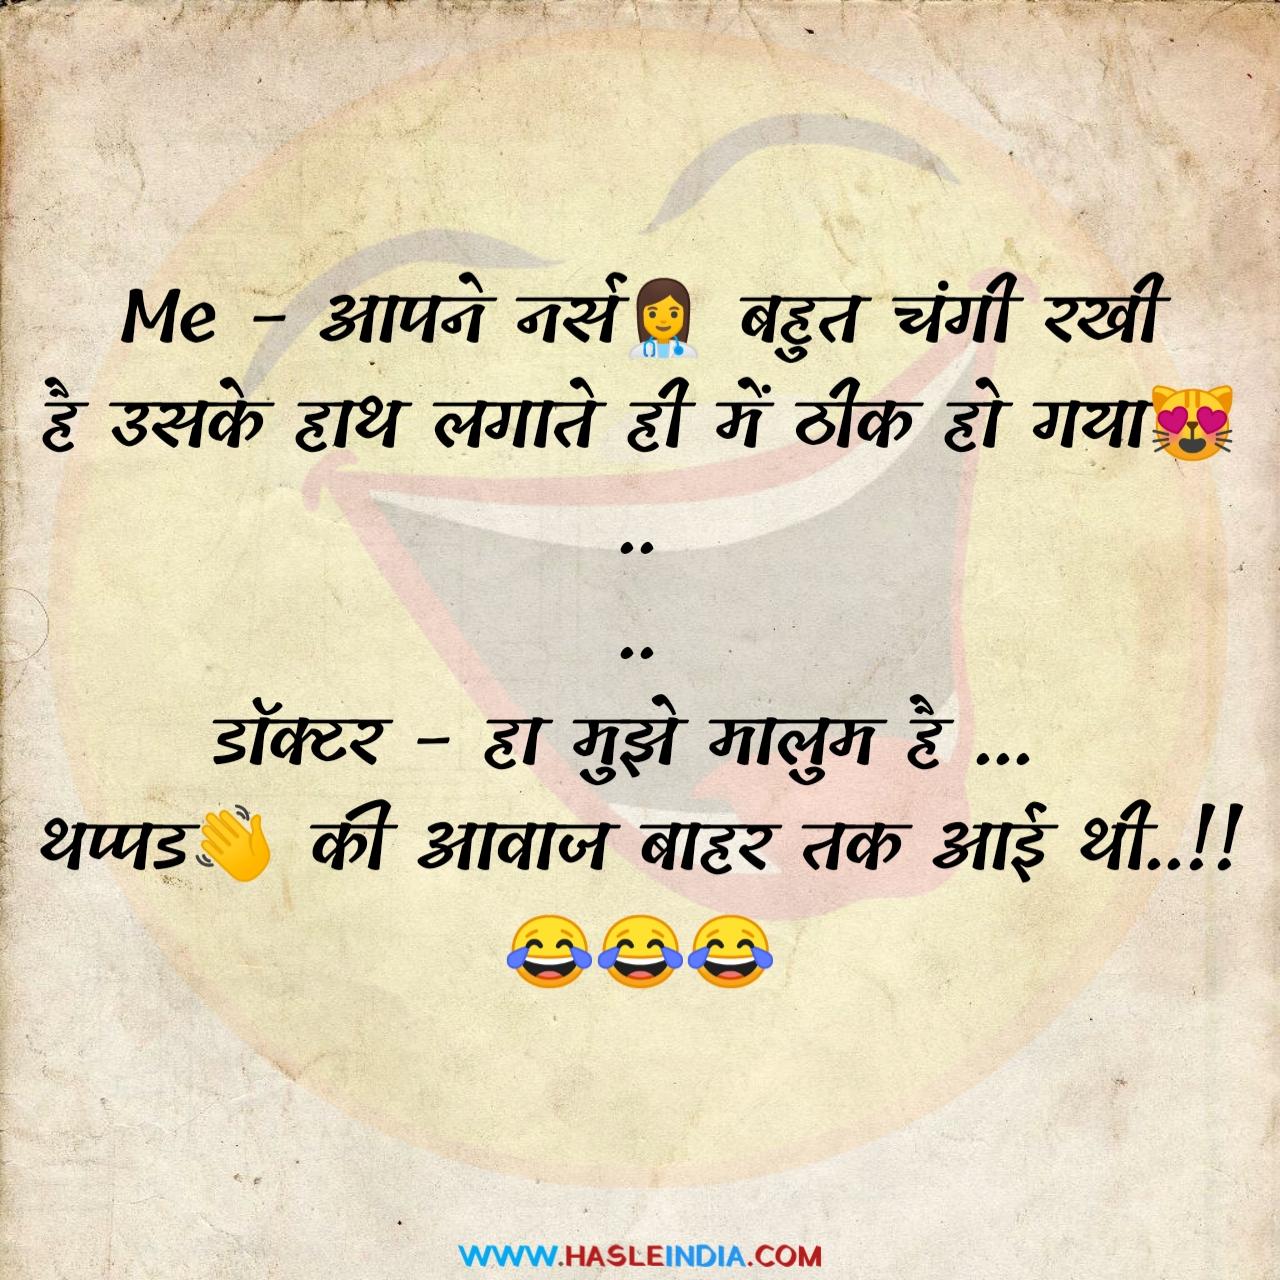 doctor patient jokes in hindi, doctor patient jokes, doctor jokes, jokes in hindi, funny hindi jokes, Hindi jokes, hindi chutkule, hindi joke sms, hindi jokes pic, hindi jokes images, Hasle india,